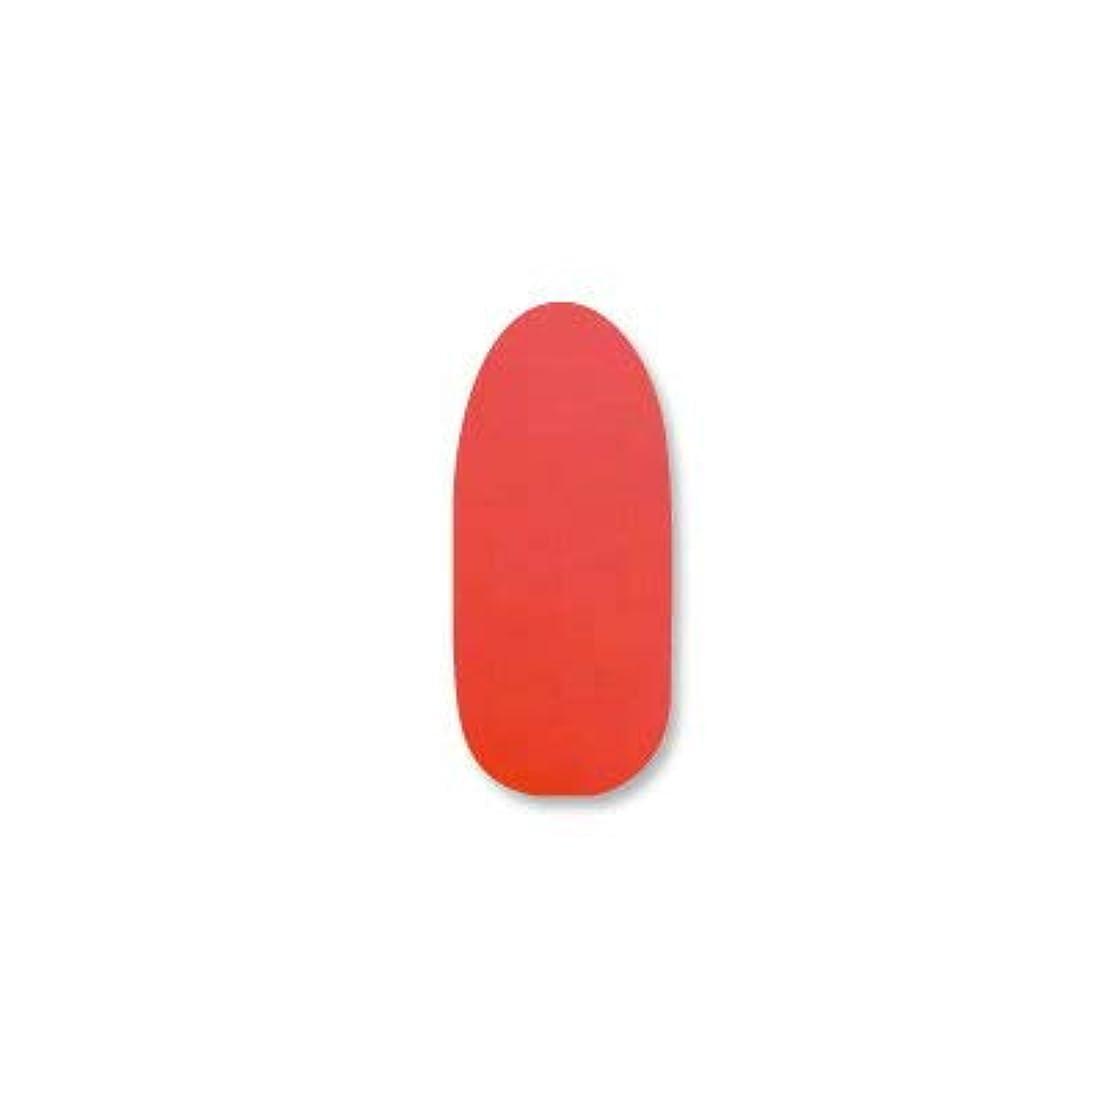 T-GEL COLLECTION カラージェル D046 ルミナスレッド 4ml